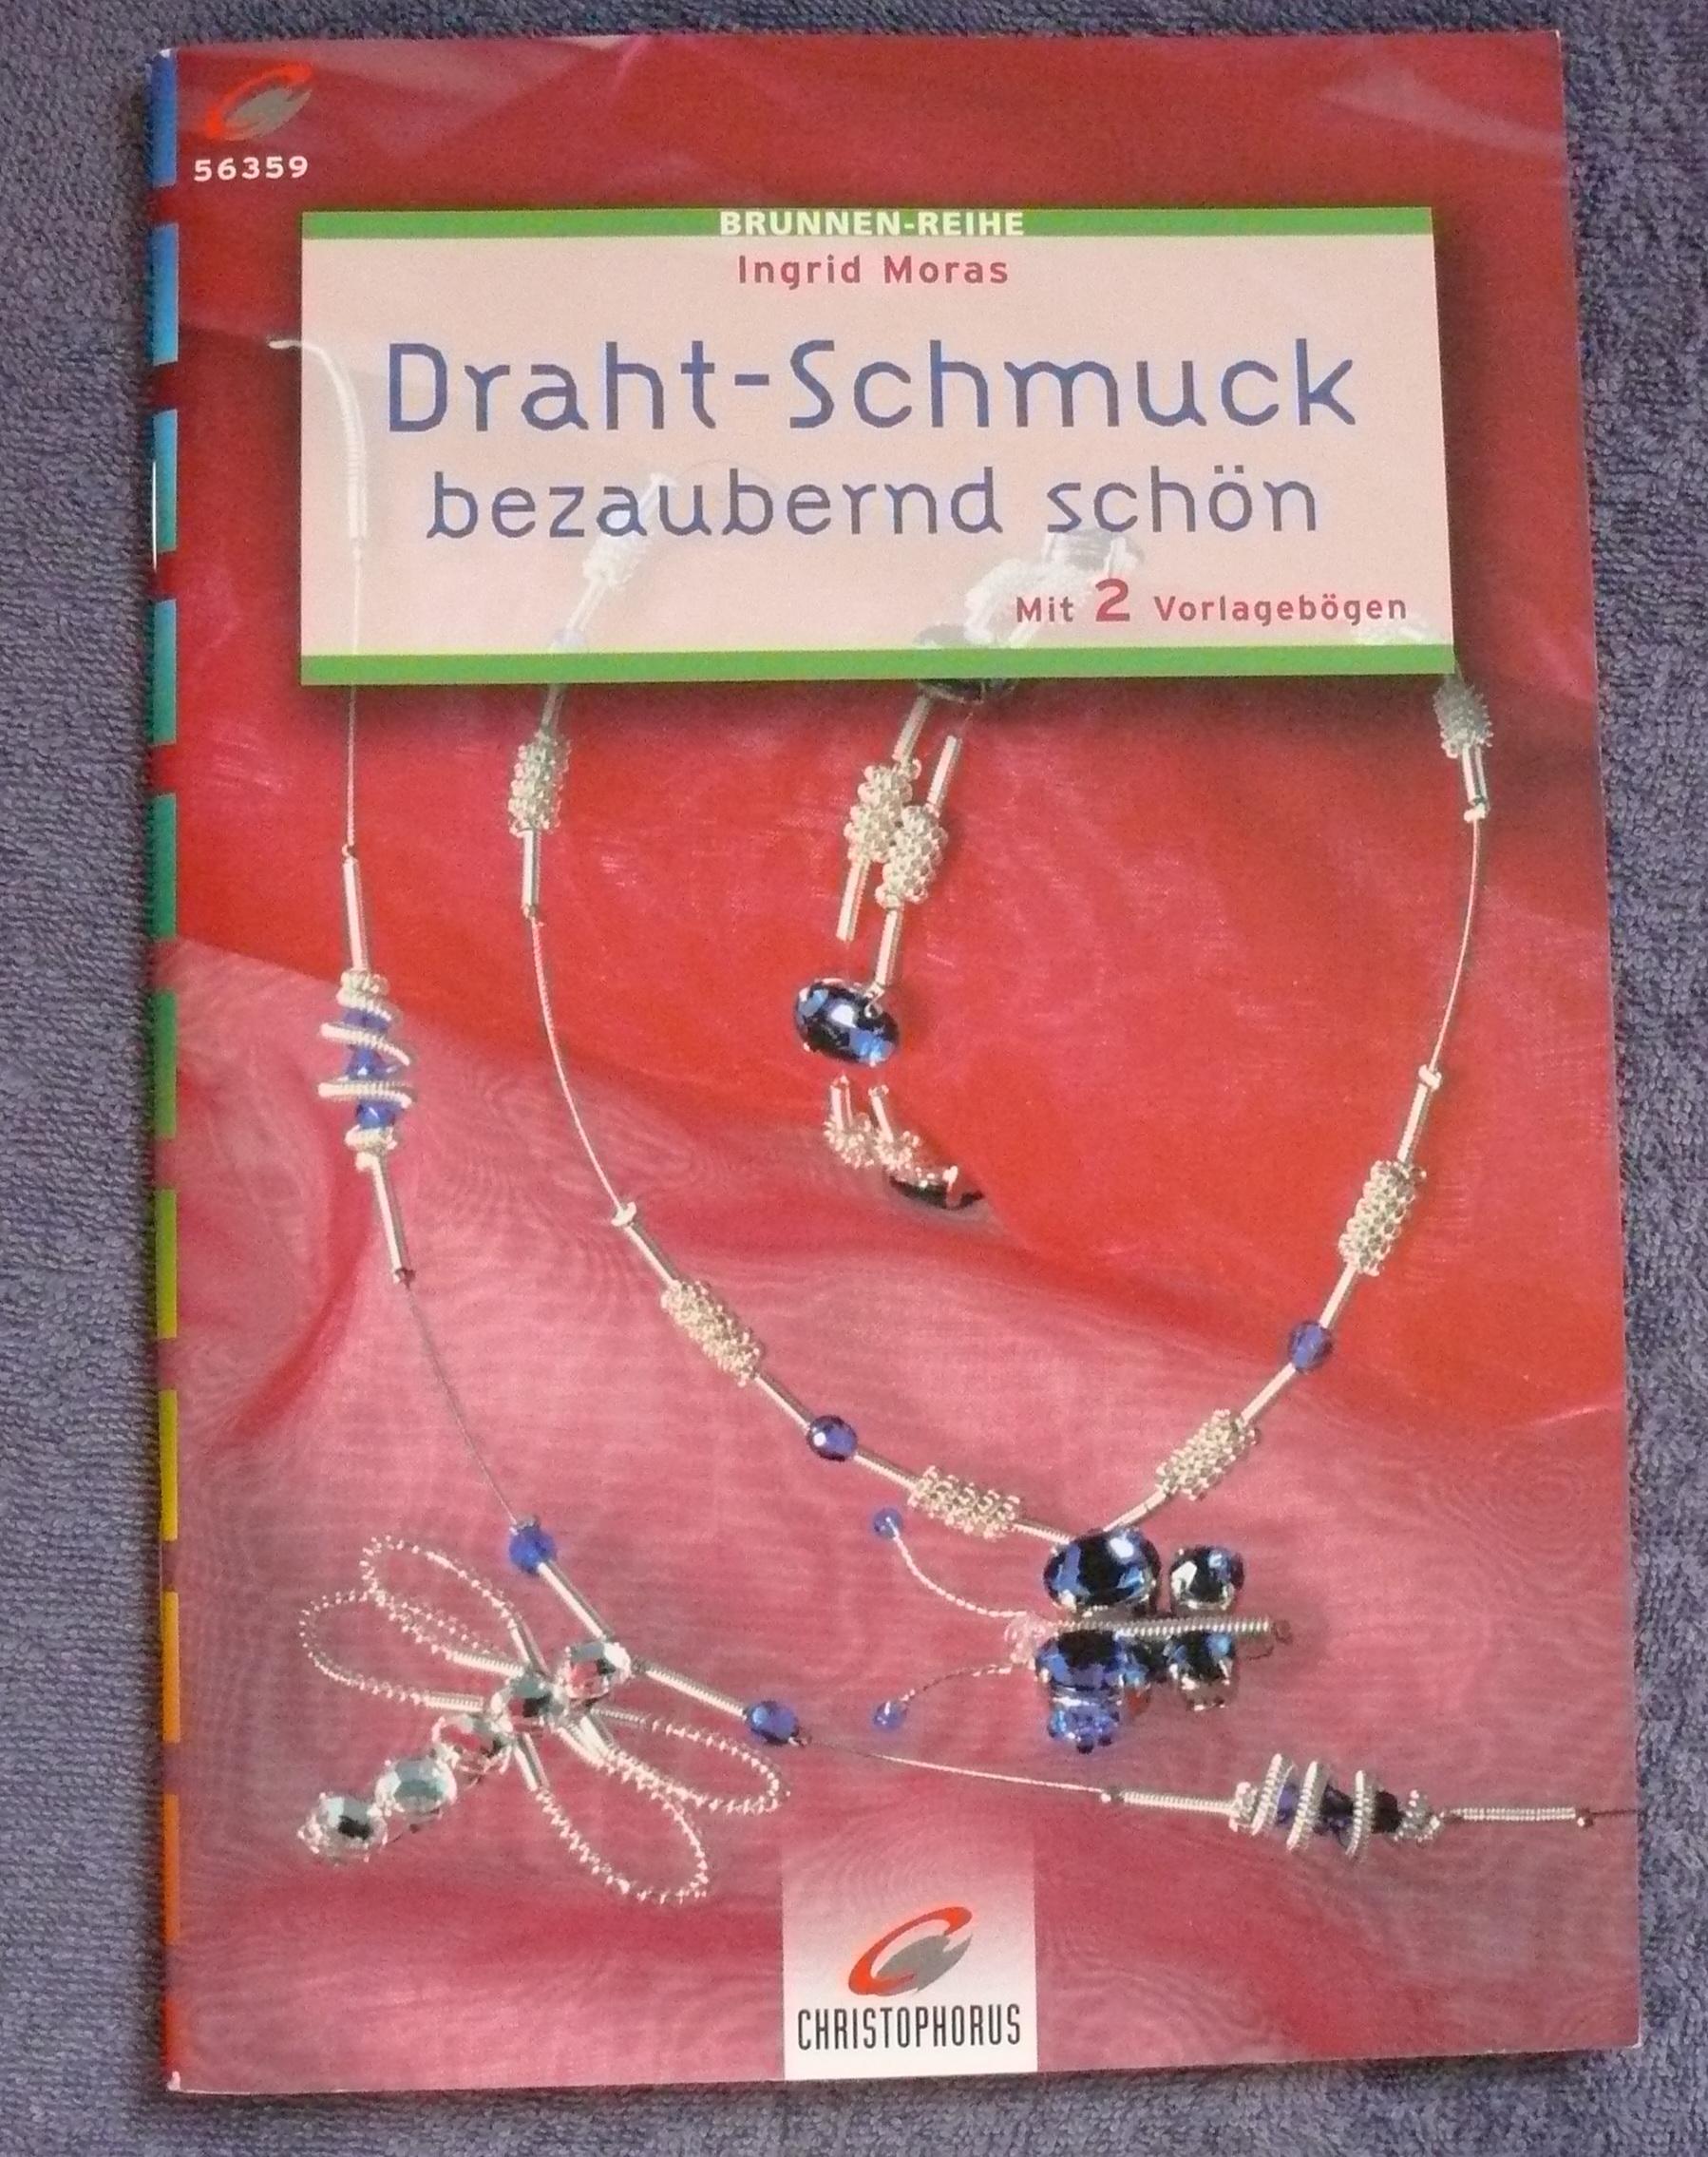 Großartig Bester Draht Für Schmuck Galerie - Die Besten Elektrischen ...